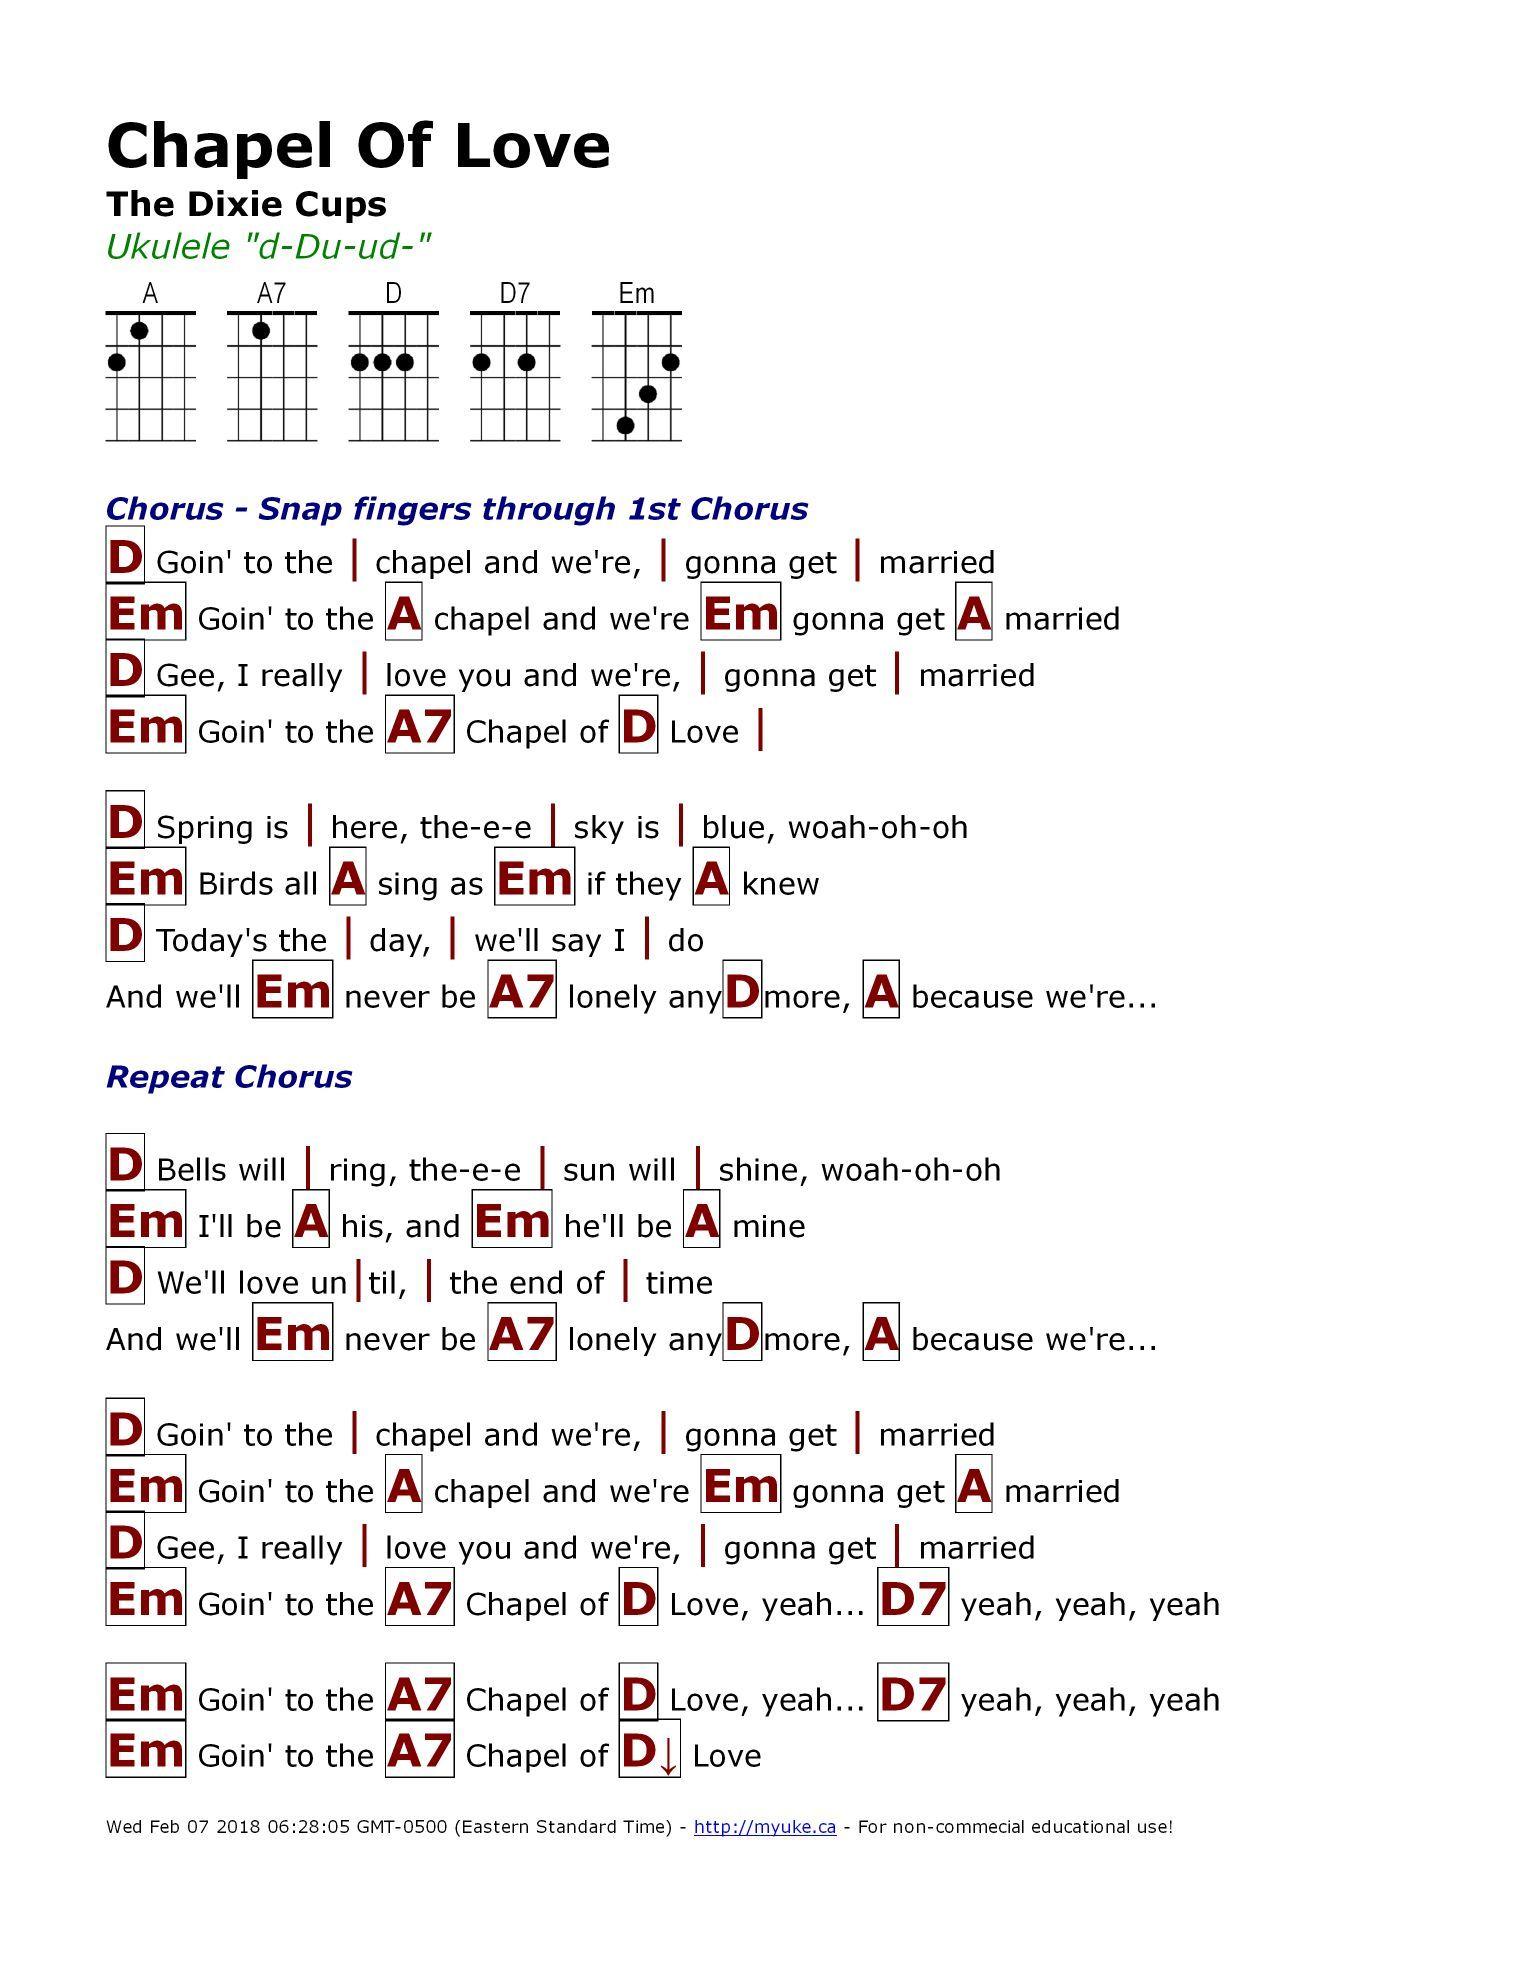 Cups Ukulele : ukulele, Chapel, Dixie, Cups), Http://myuke.ca, Lyrics, Chords,, Ukulele, Songs